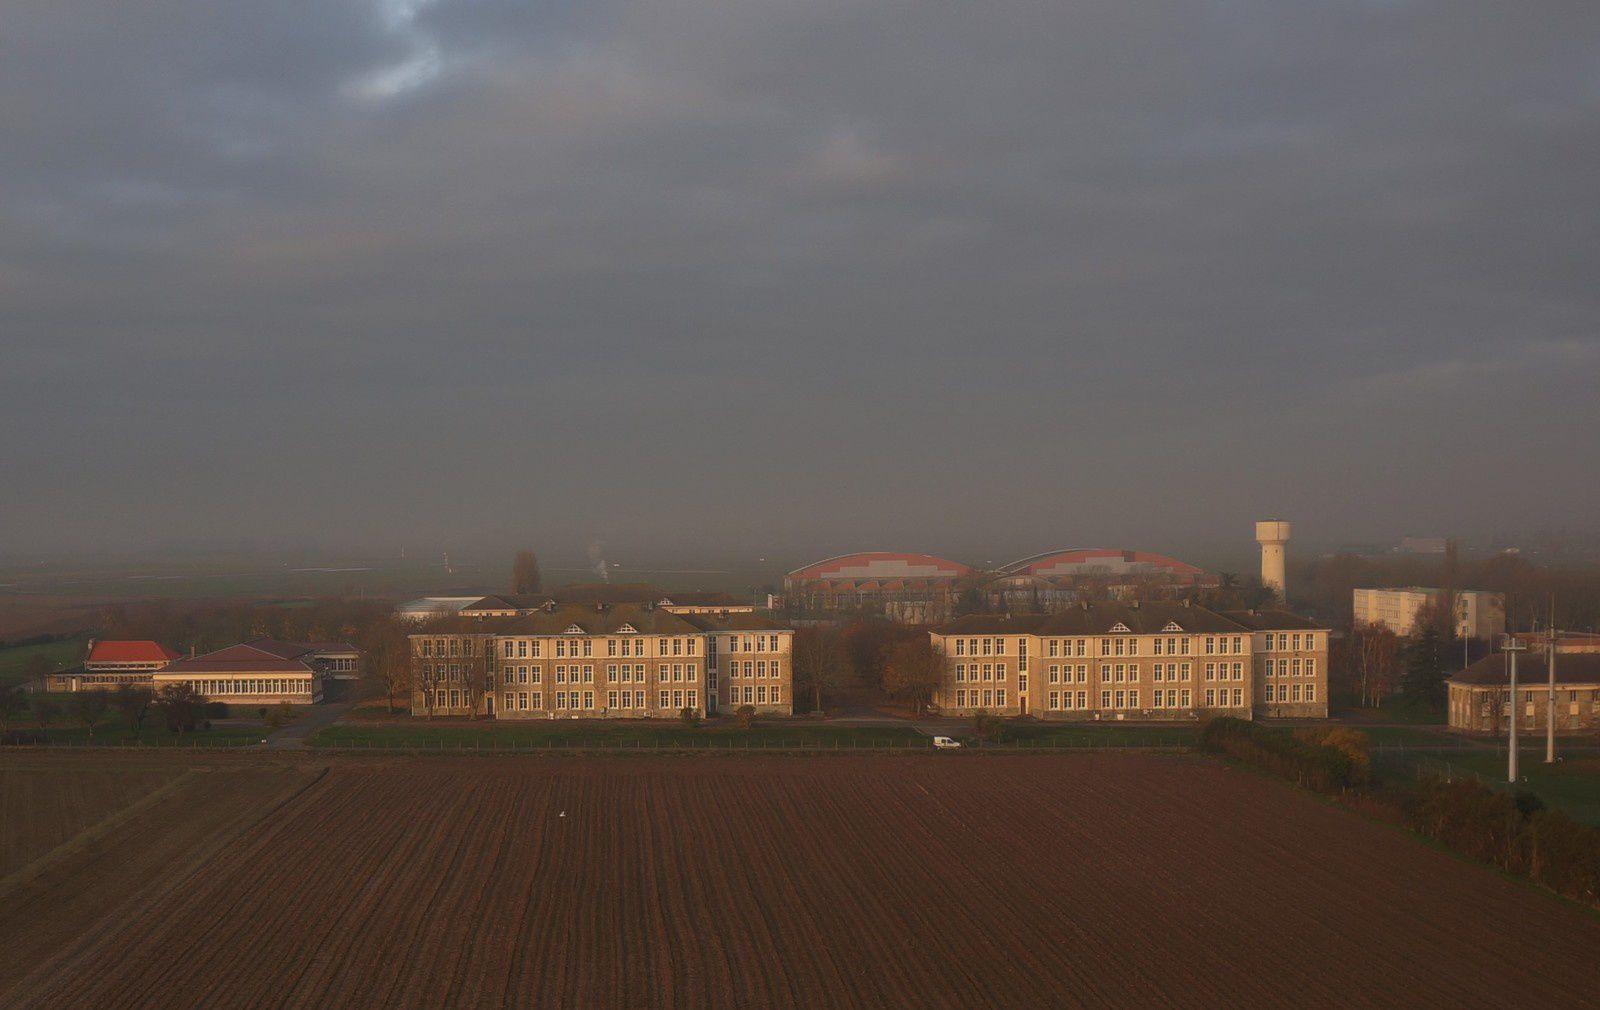 Les bâtiments du 18e RT de Carpiquet. Photo aérienne François Monier 3 décembre 2013